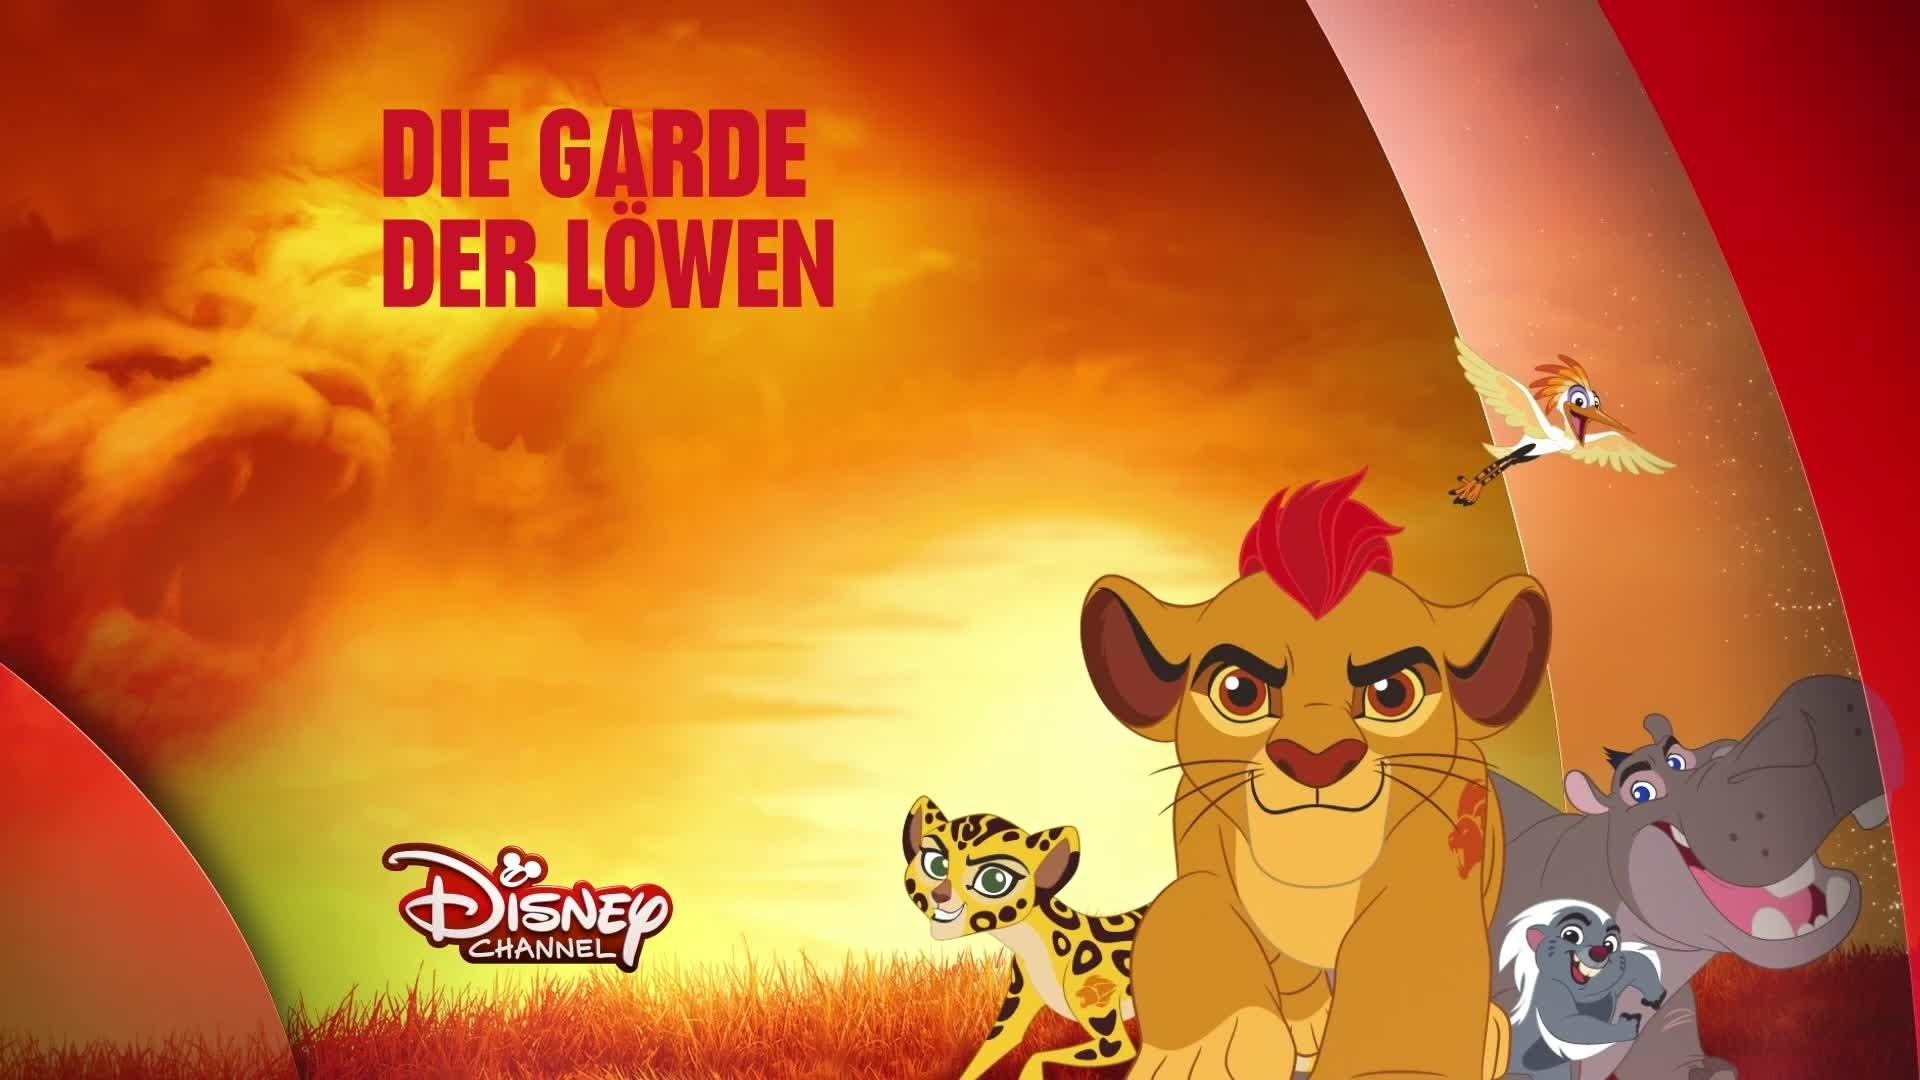 Die Garde der Löwen - Trailer